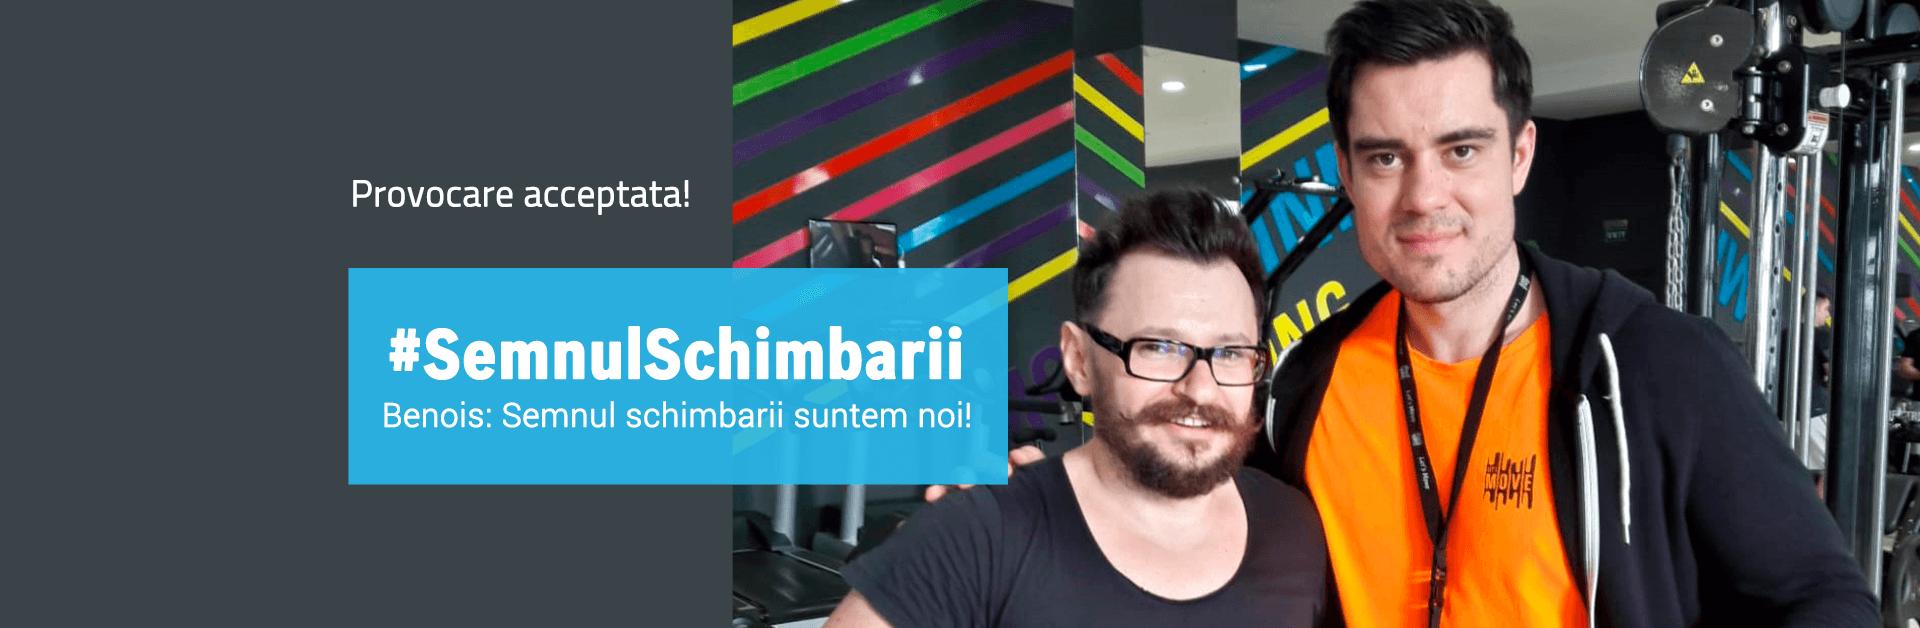 Semnul Schimbarii Let's Move